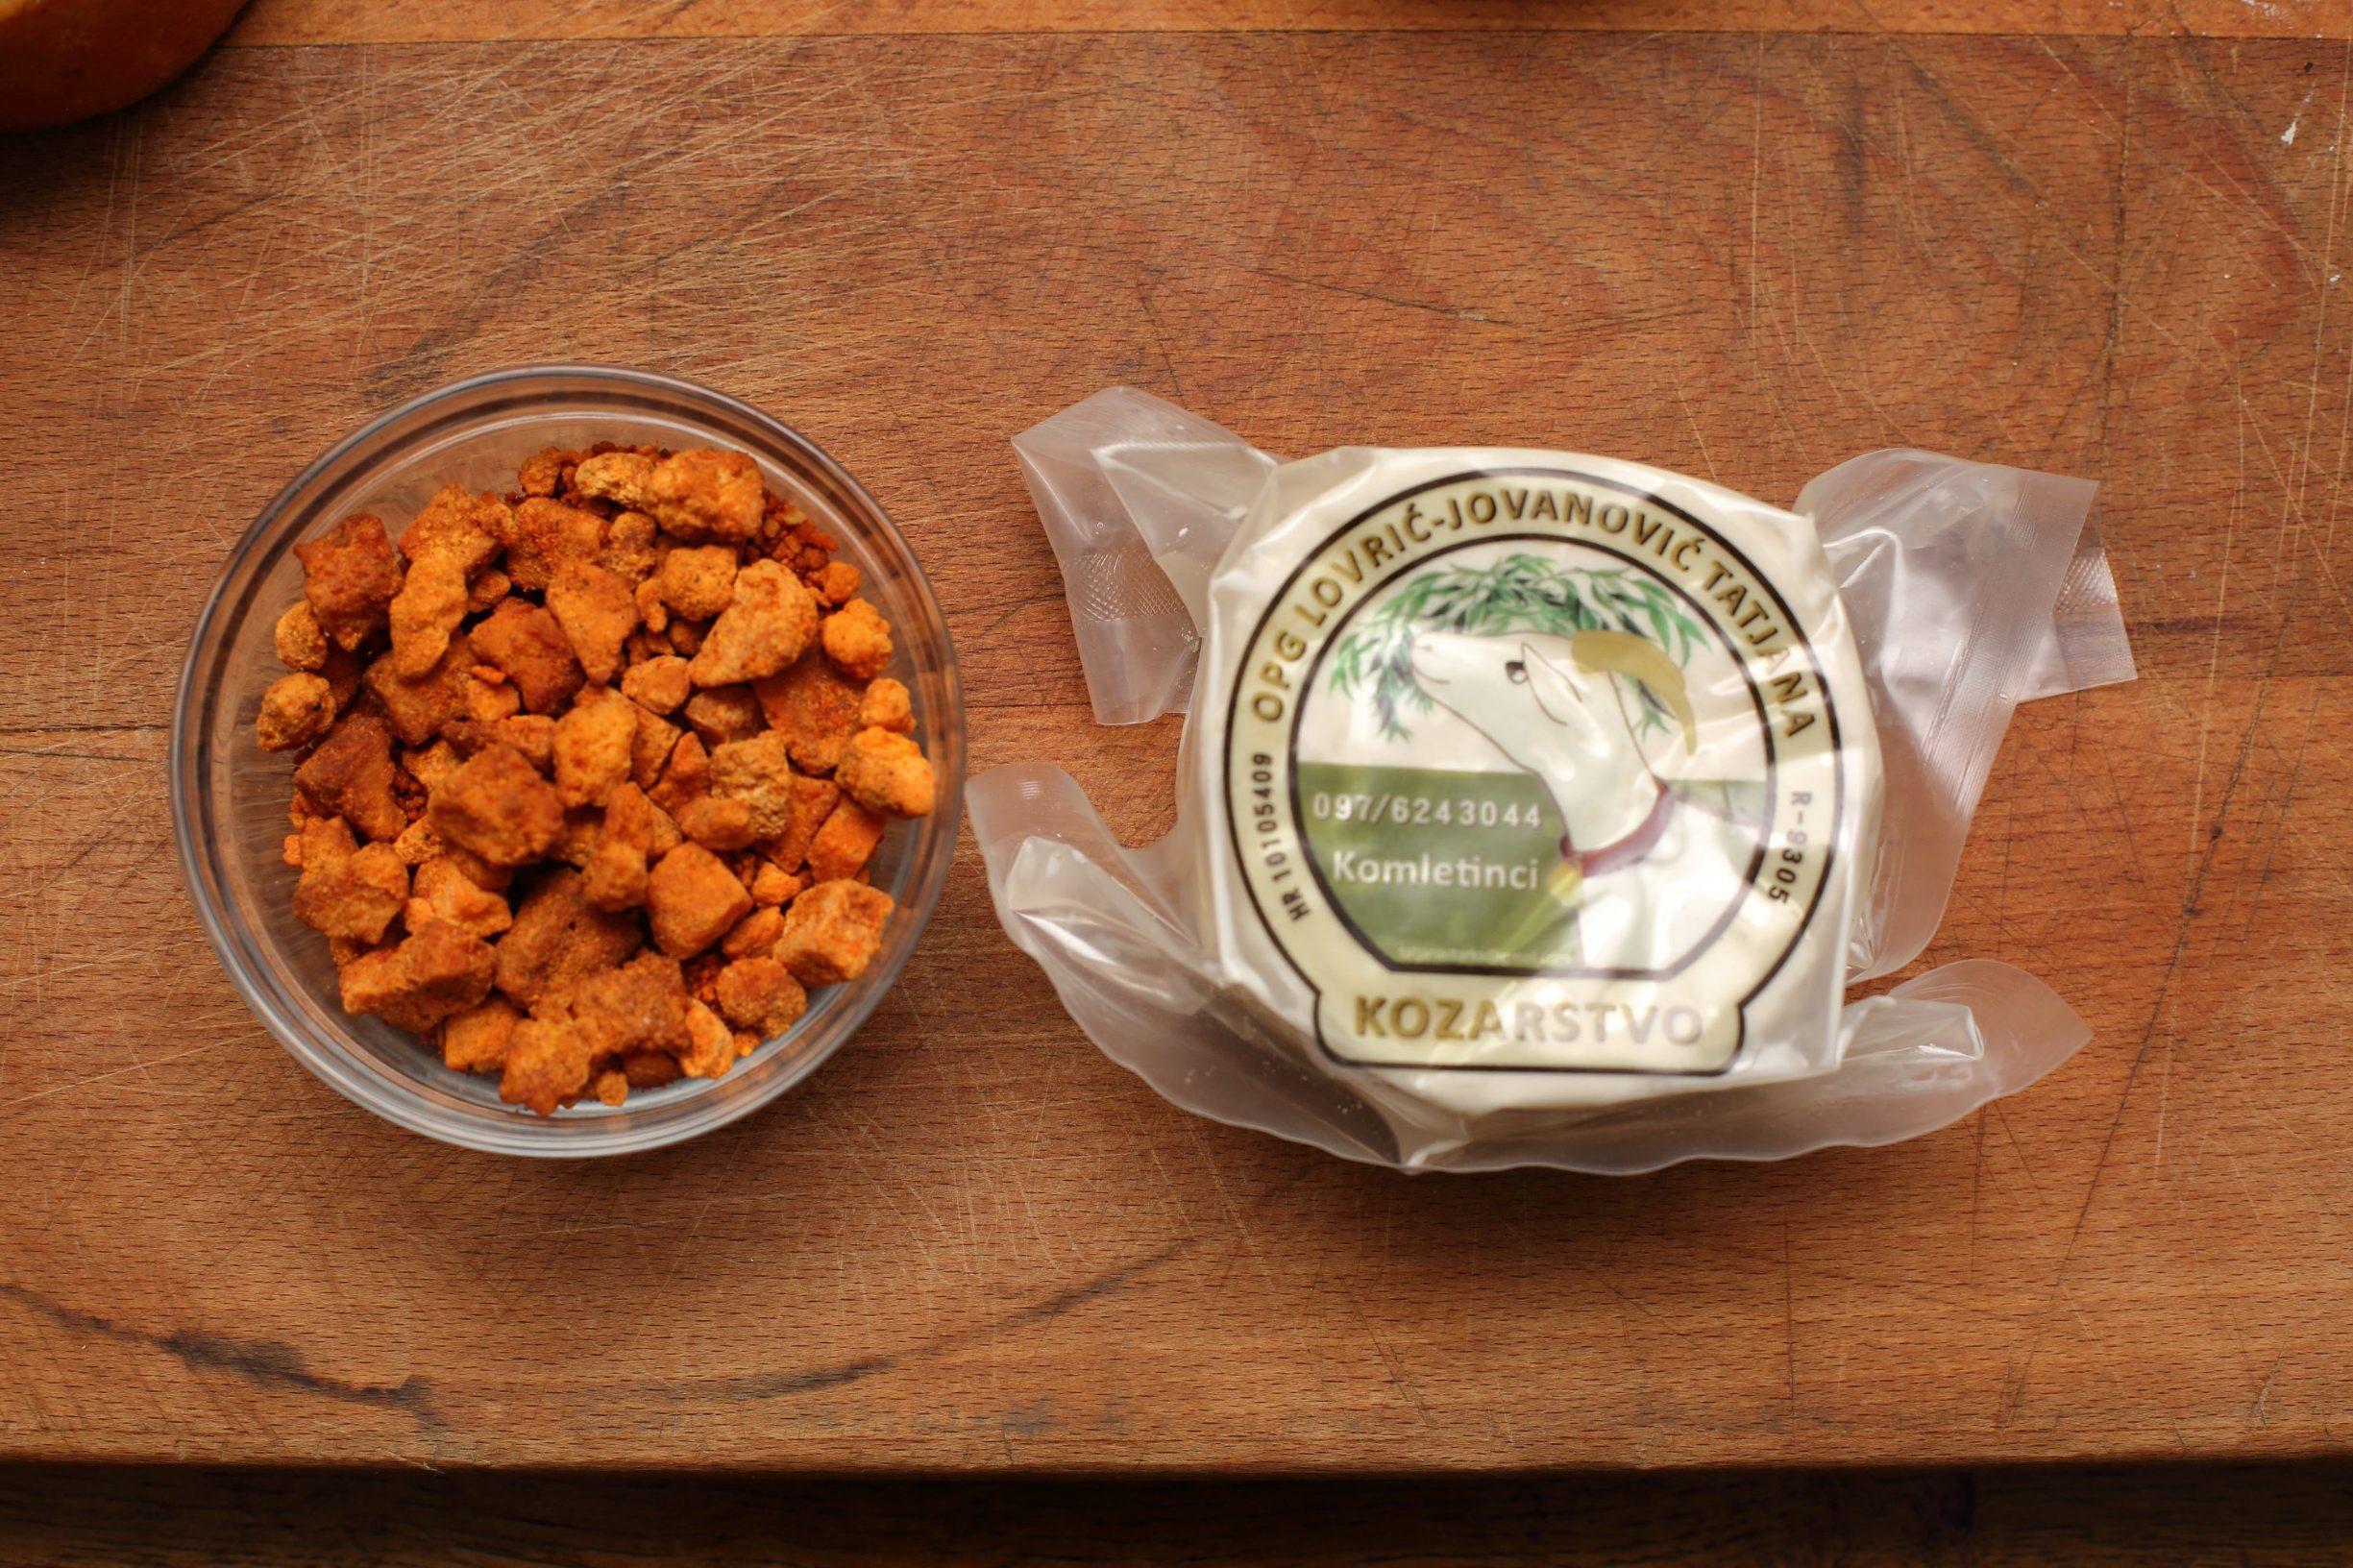 Komletinci, 101219. Tatjana Lovric Jovanovic vlasnica je OPG-a za proizvodnju kozjeg sira. Najnoviji proizvod OPG-a su cvarci od sira. Na fotografiji: cvarci od sira i kozji sirevi OPG-a Lovric Jovanovic. Foto: Vlado Kos / CROPIX -JL-